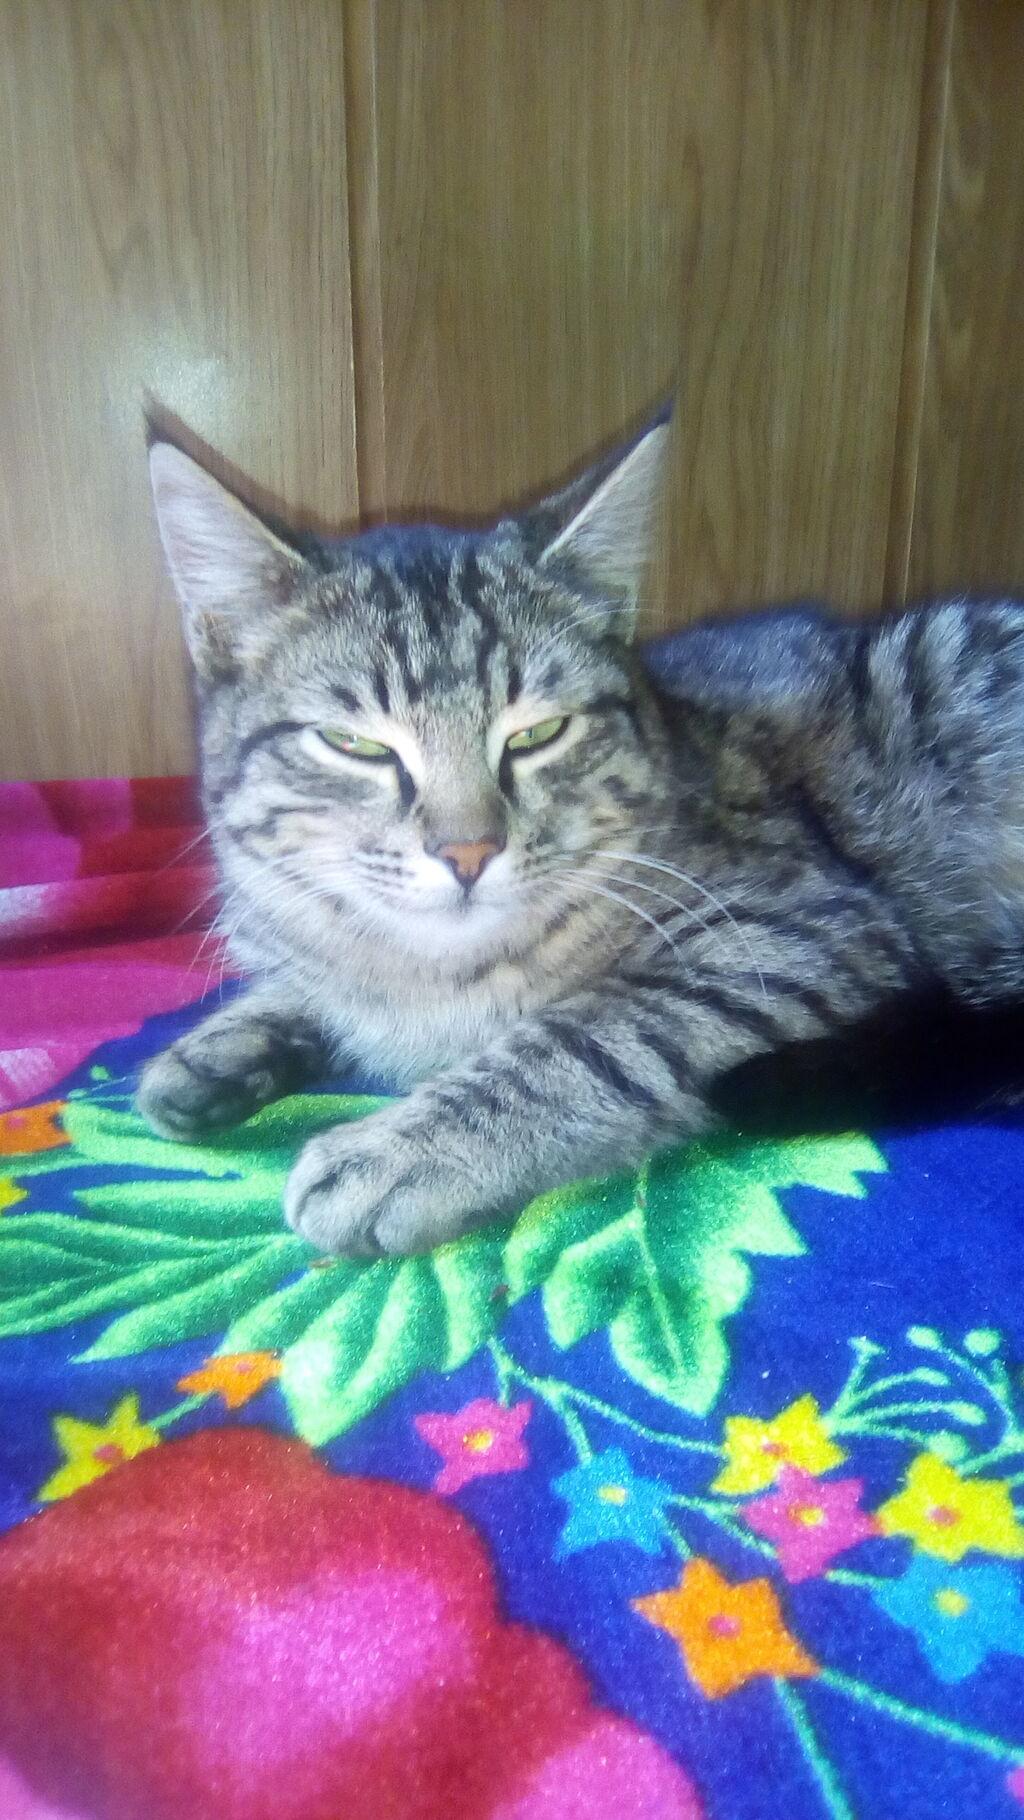 Отдам кота в хорошие руки, простой котик,  возраст точно неизвестен скорее всего чуть больше года